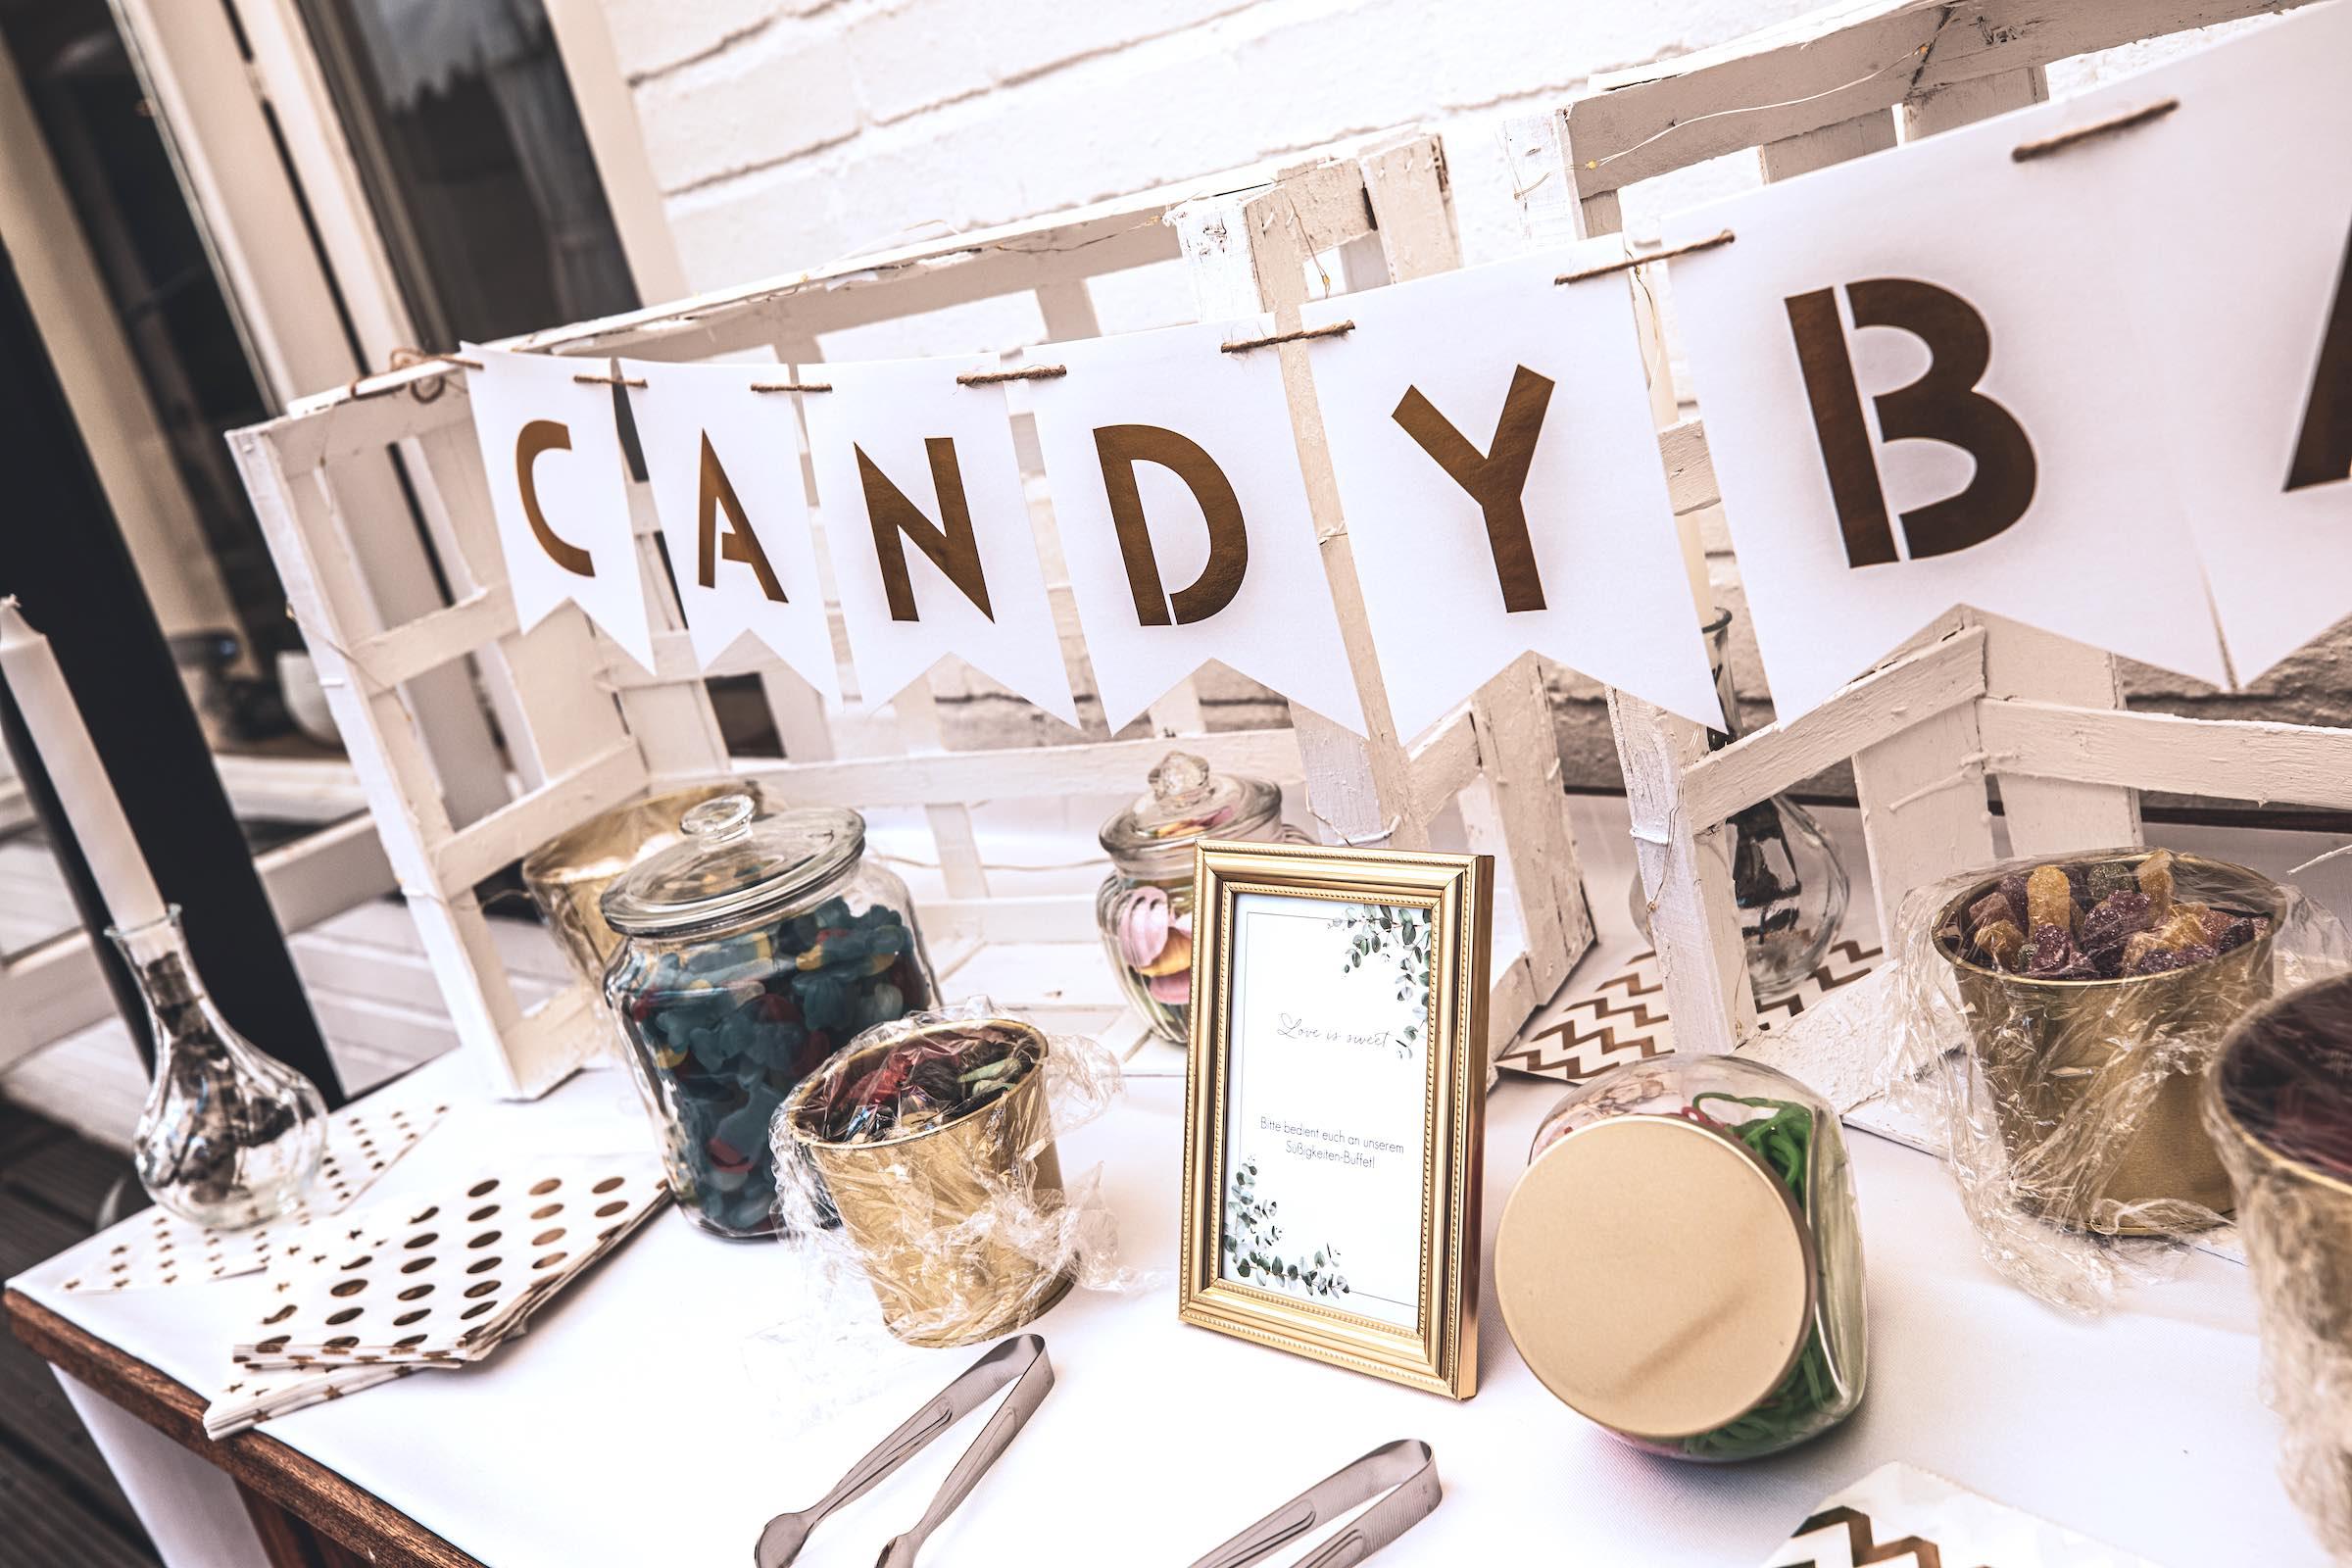 Landhaus | am | See | Hannover | Restaurant | Restaurant | Candybar | Tischdekoration | Eventaustattung | Lieferung | Planung | Hochzeitsplaner | Mieten | Buchen | Hannover | Lehmann | Eventservice